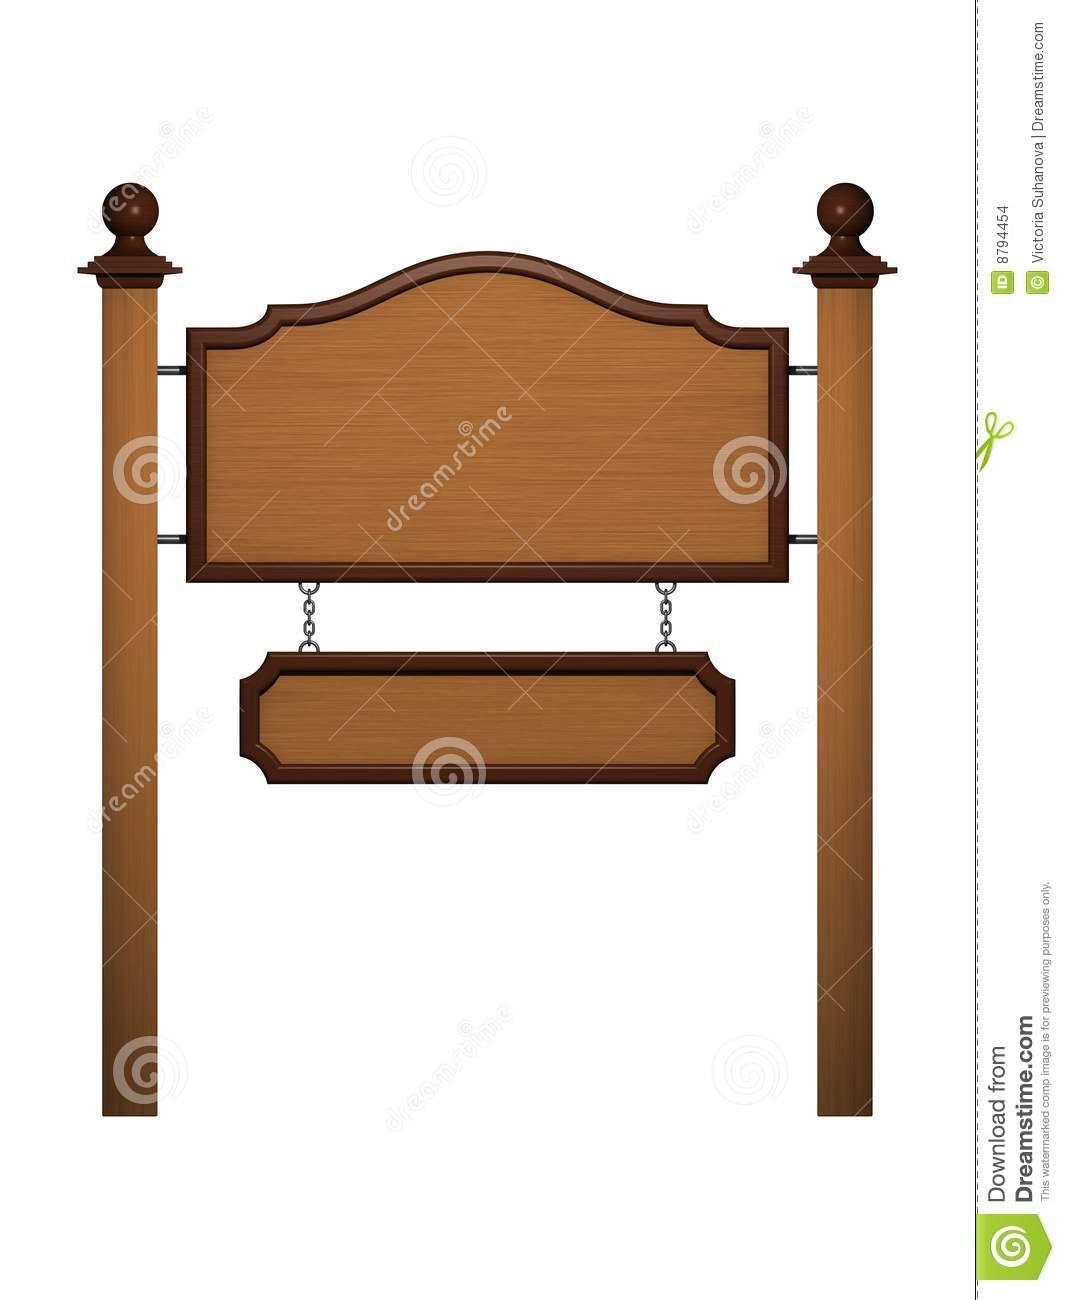 Letreros rusticos de madera buscar con google escuela - Letreros en madera ...